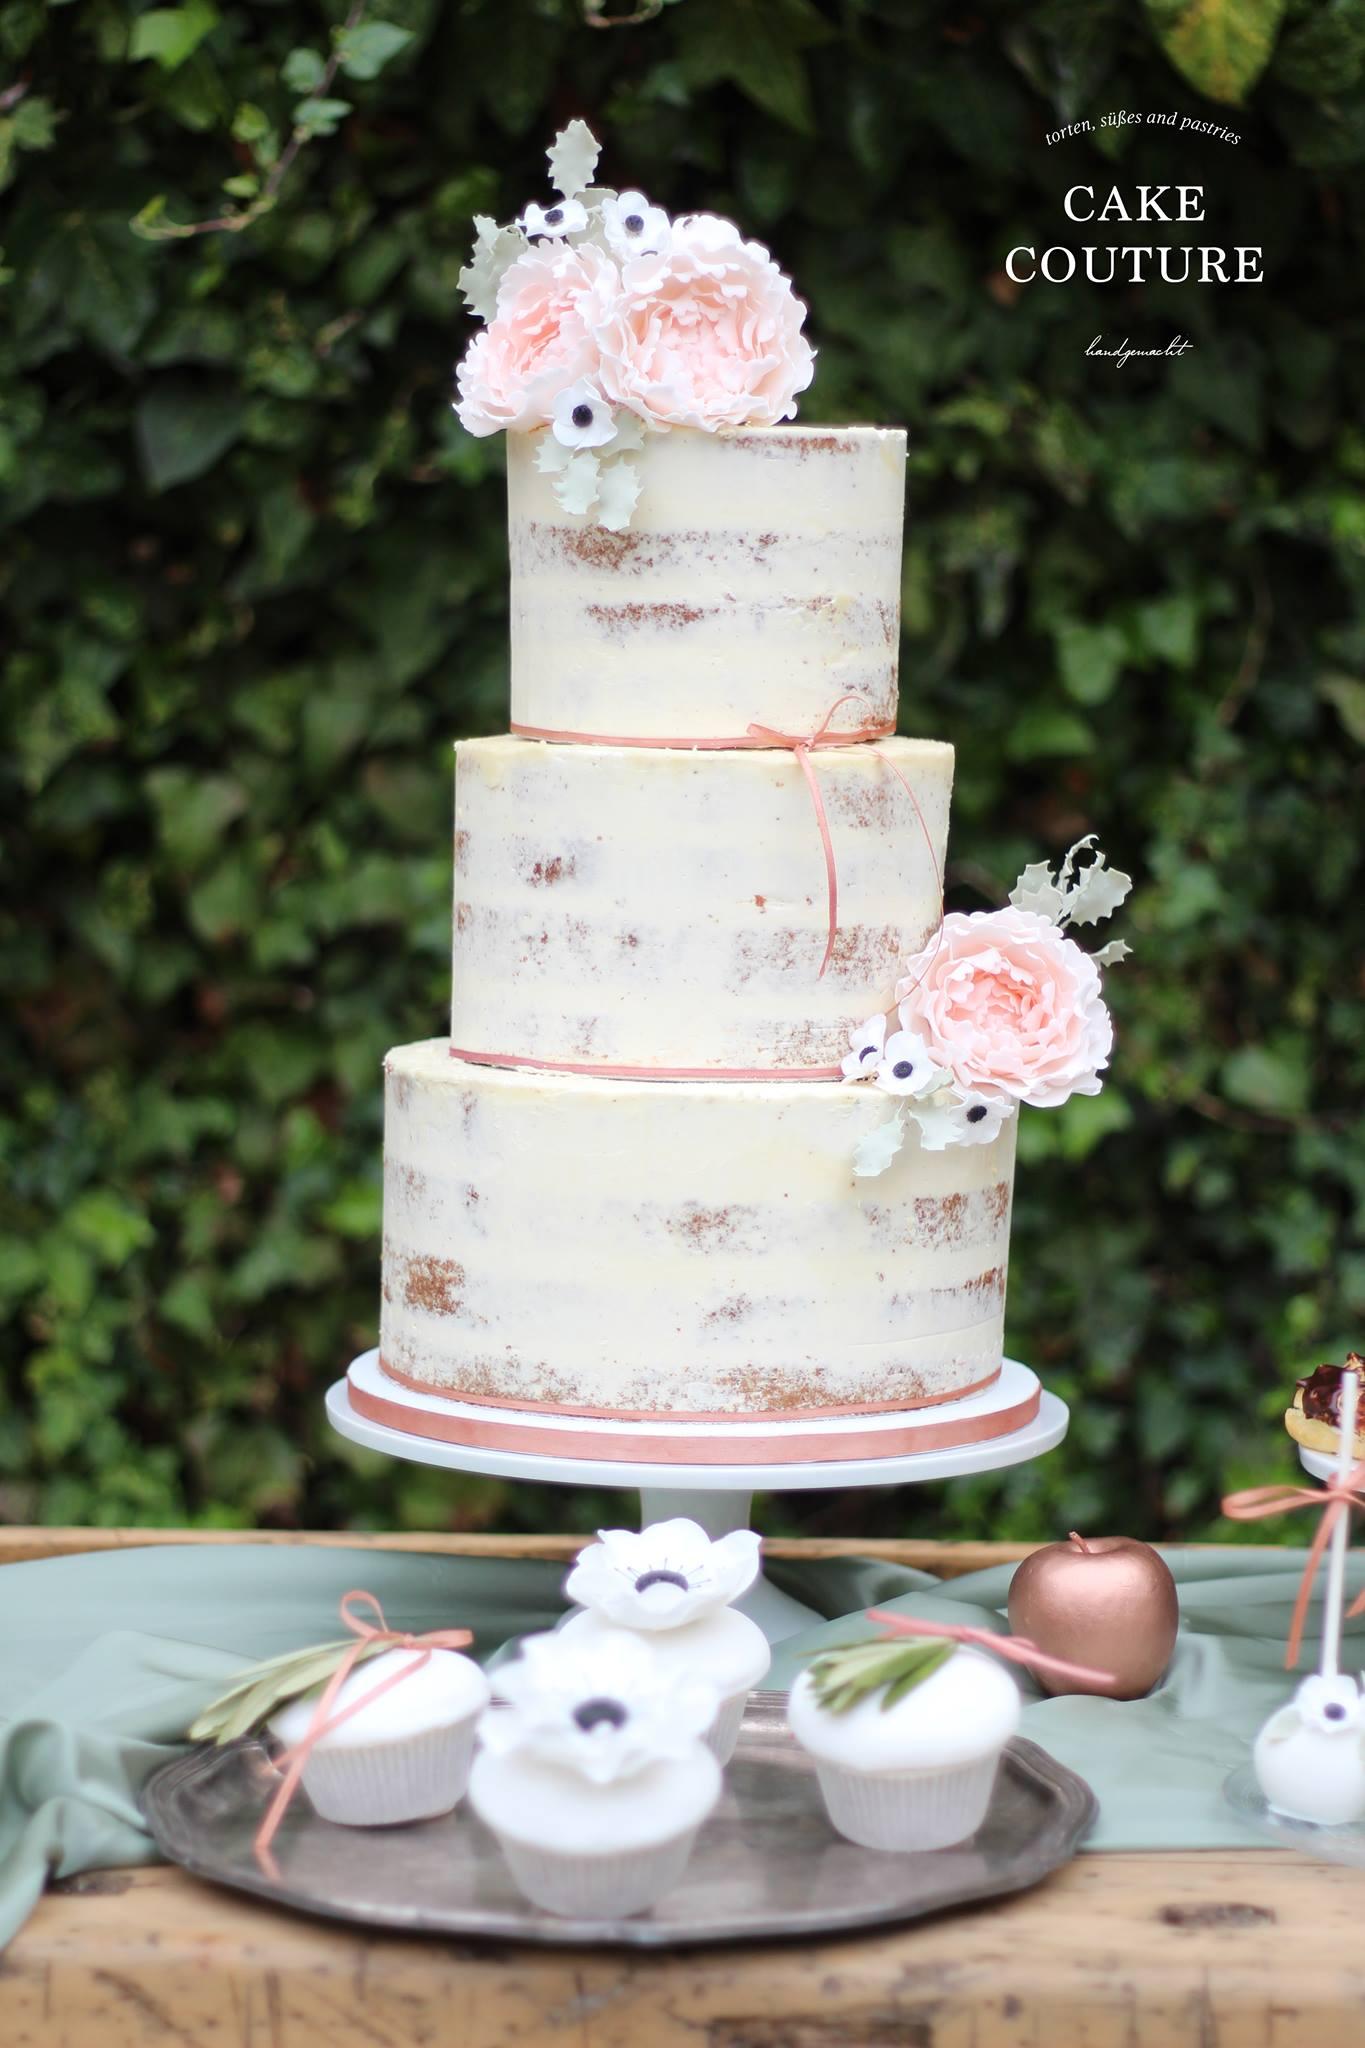 Hochzeitstorte Österreich Cake Couture | The Daily Dose